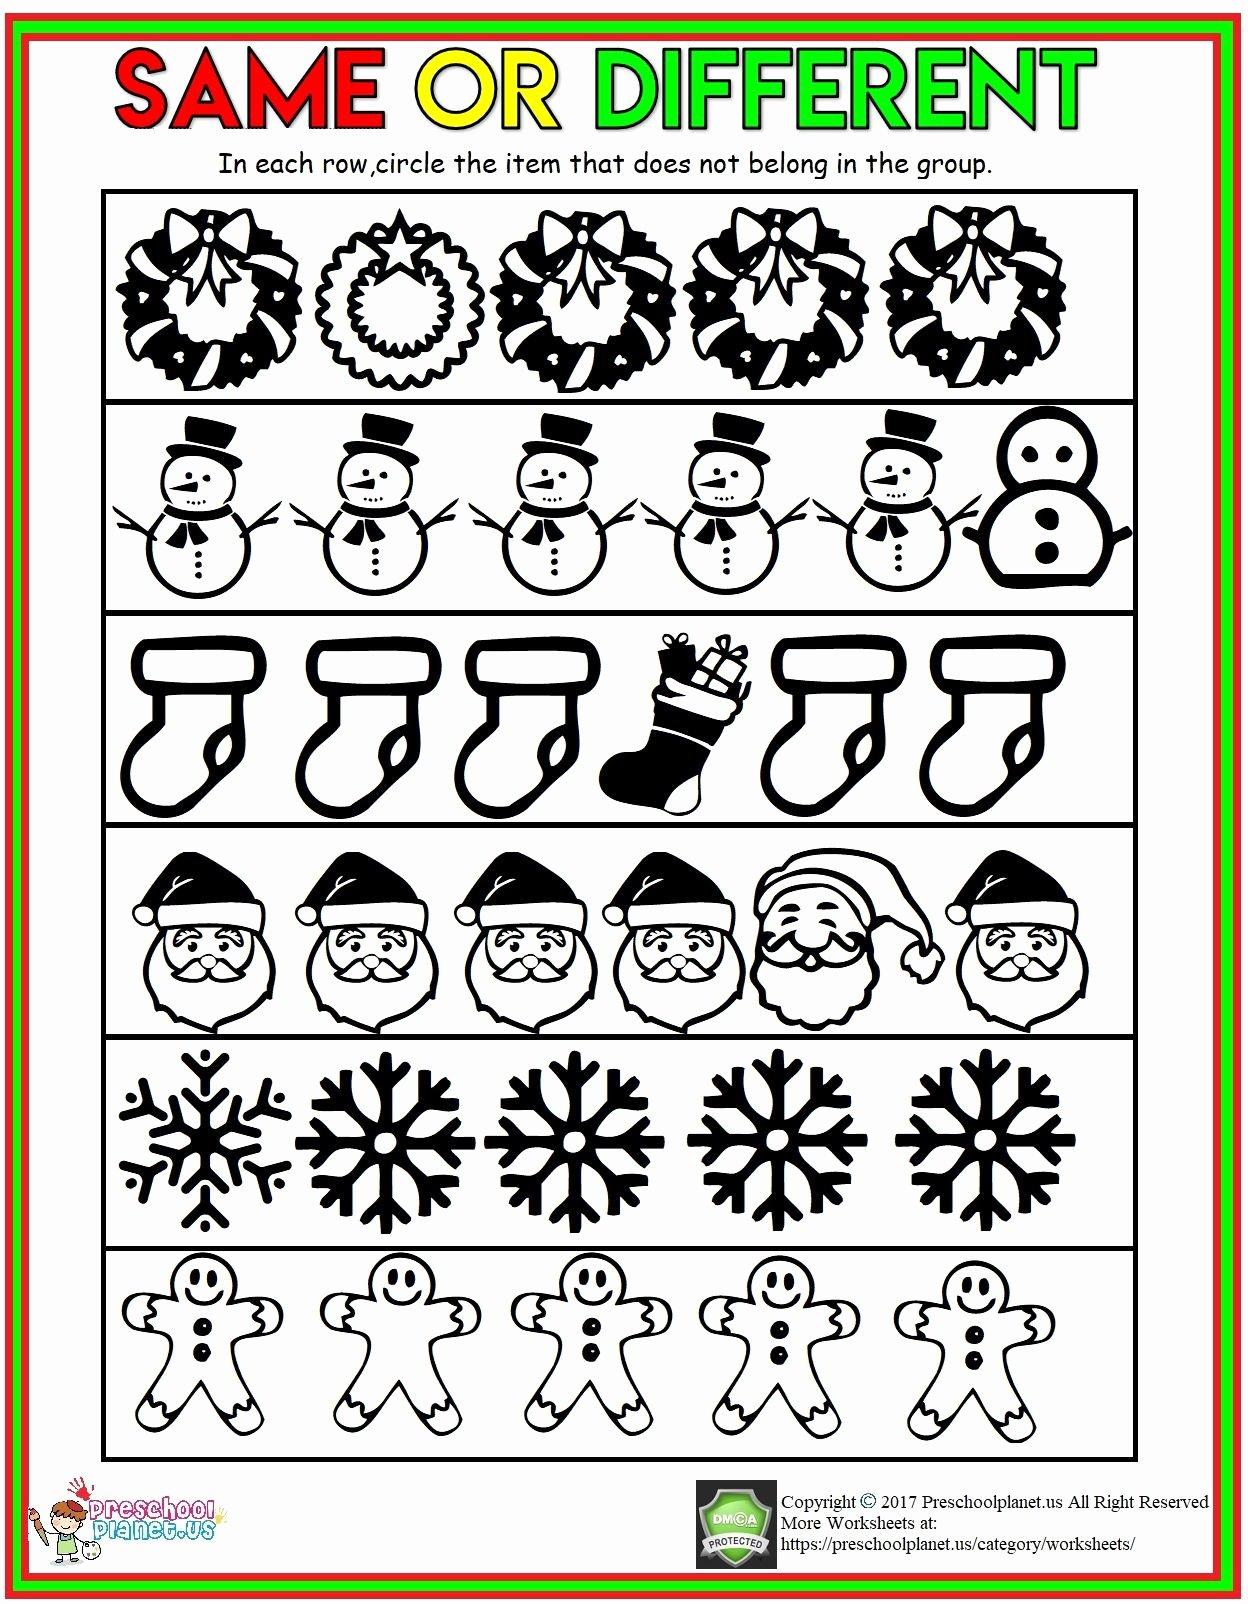 Winter Activity Worksheets for Preschoolers Awesome Preschool Worksheet Number for Winter Printable Worksheets